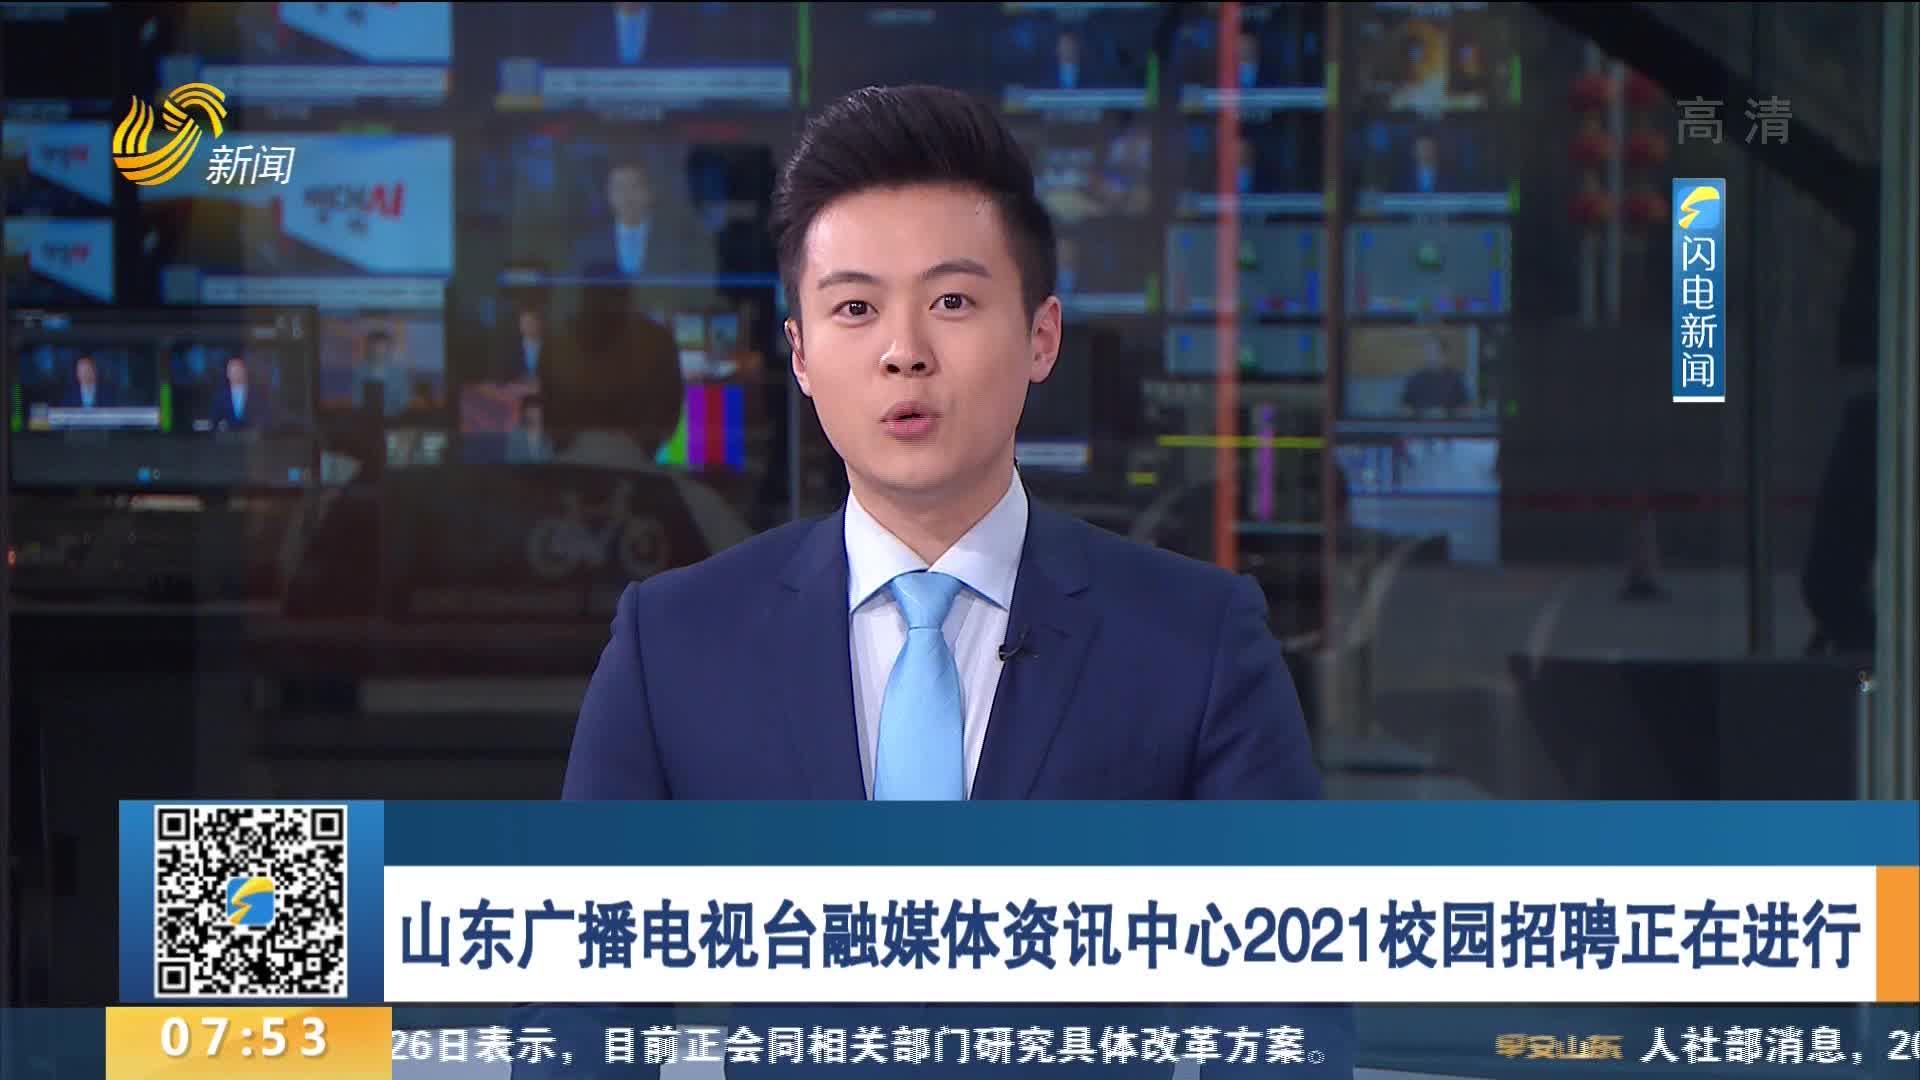 山东广播电视台融媒体资讯中心2021校园招聘正在进行